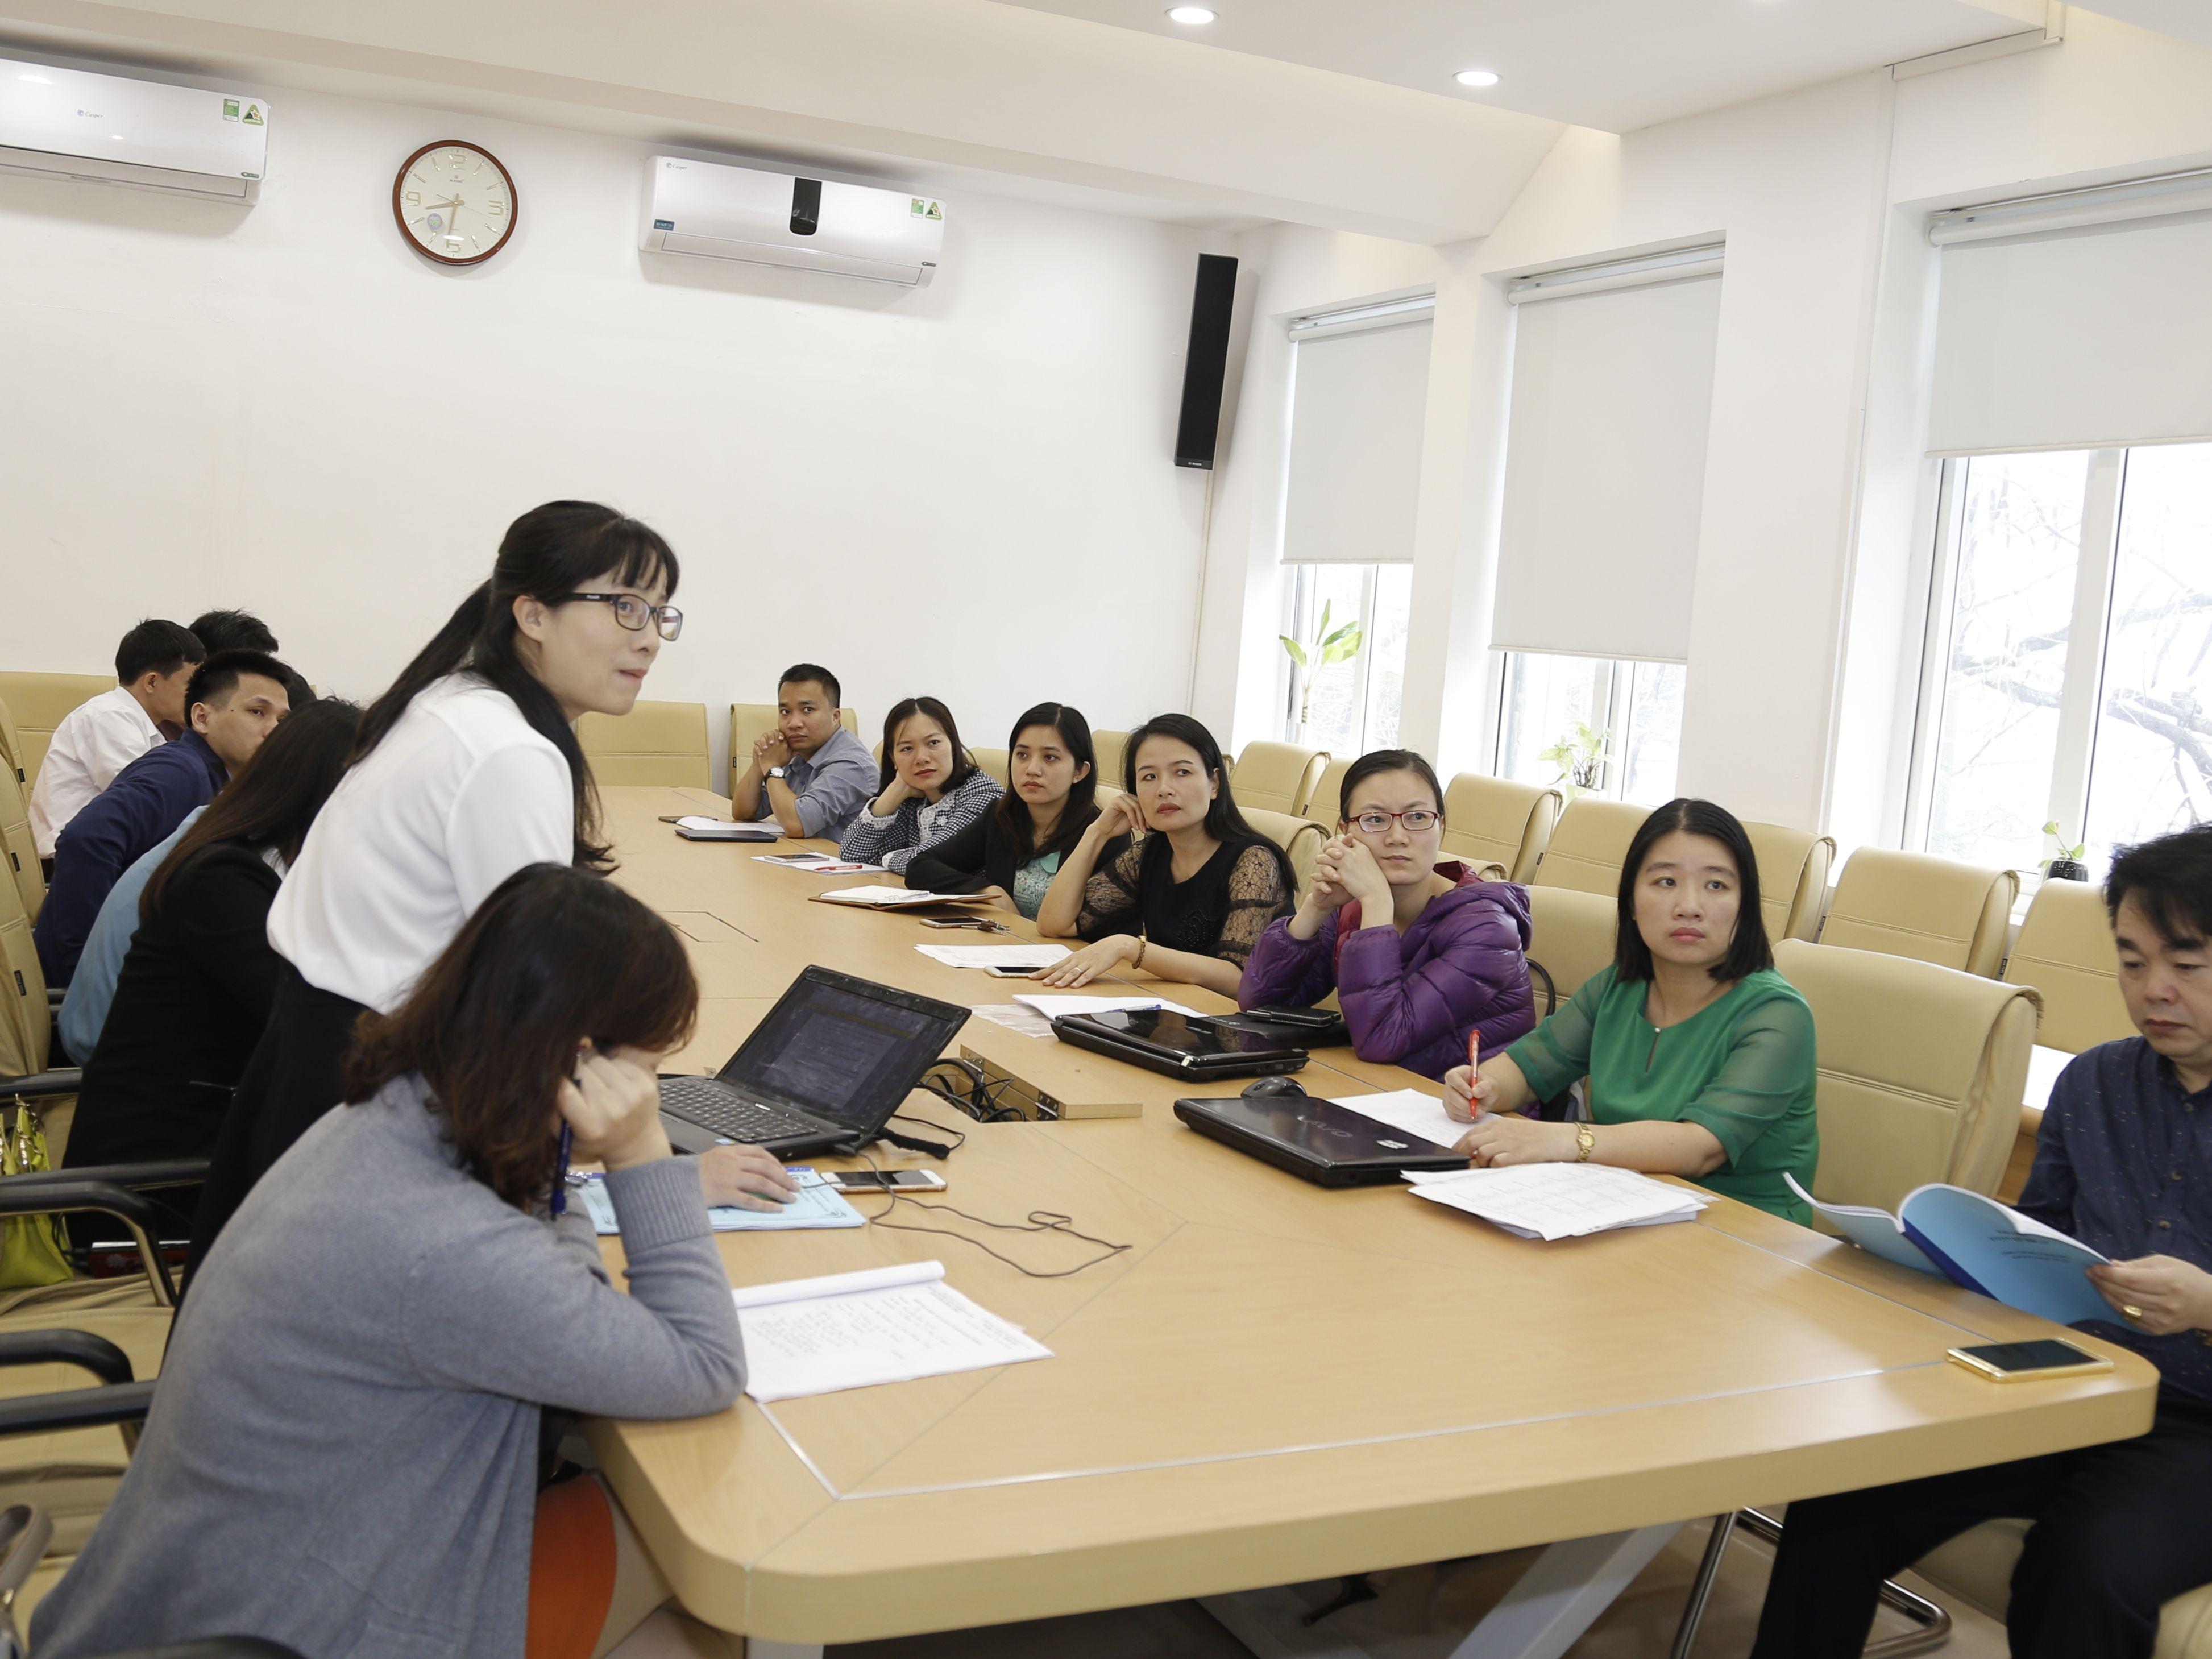 Hội thảo khoa học cấp khoa chủ đề: Tổ chức hoạt động nhóm trong giảng dạy học phần Đại số tuyến tính.